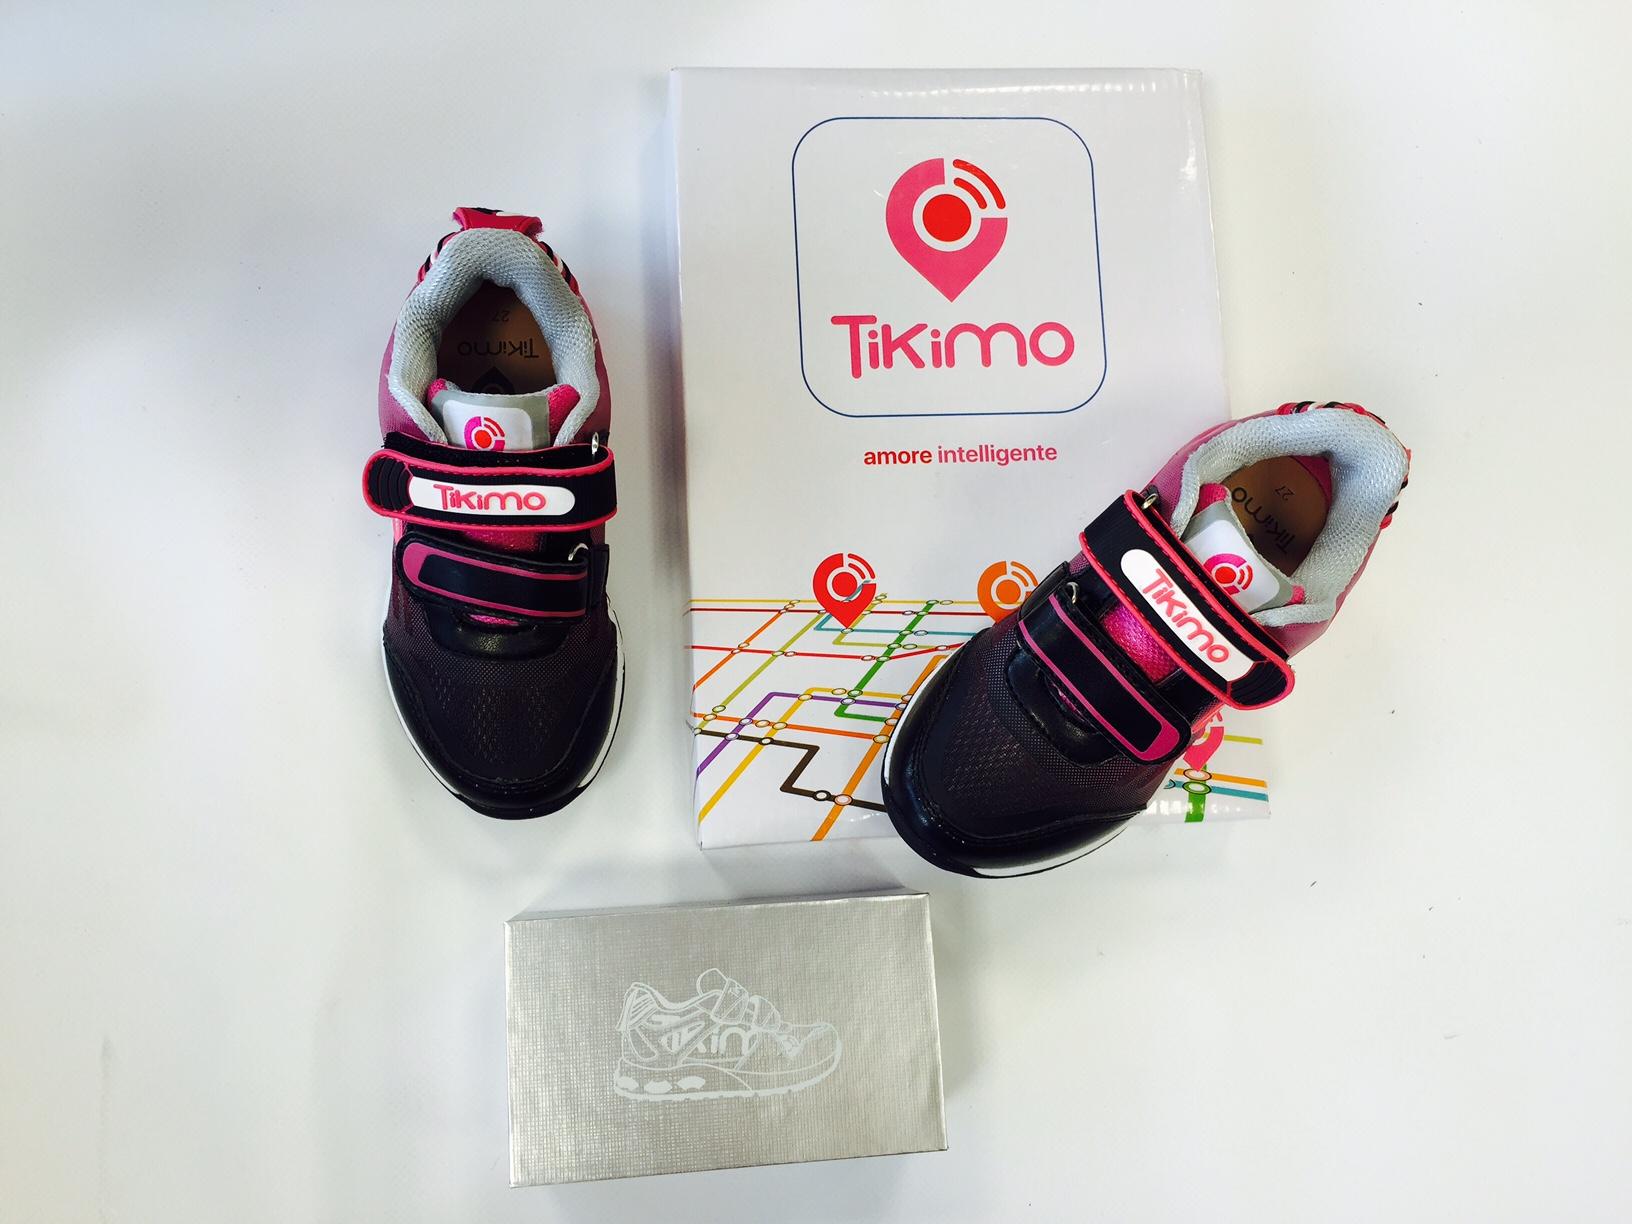 tikimo-scarpe-gps-fucsia